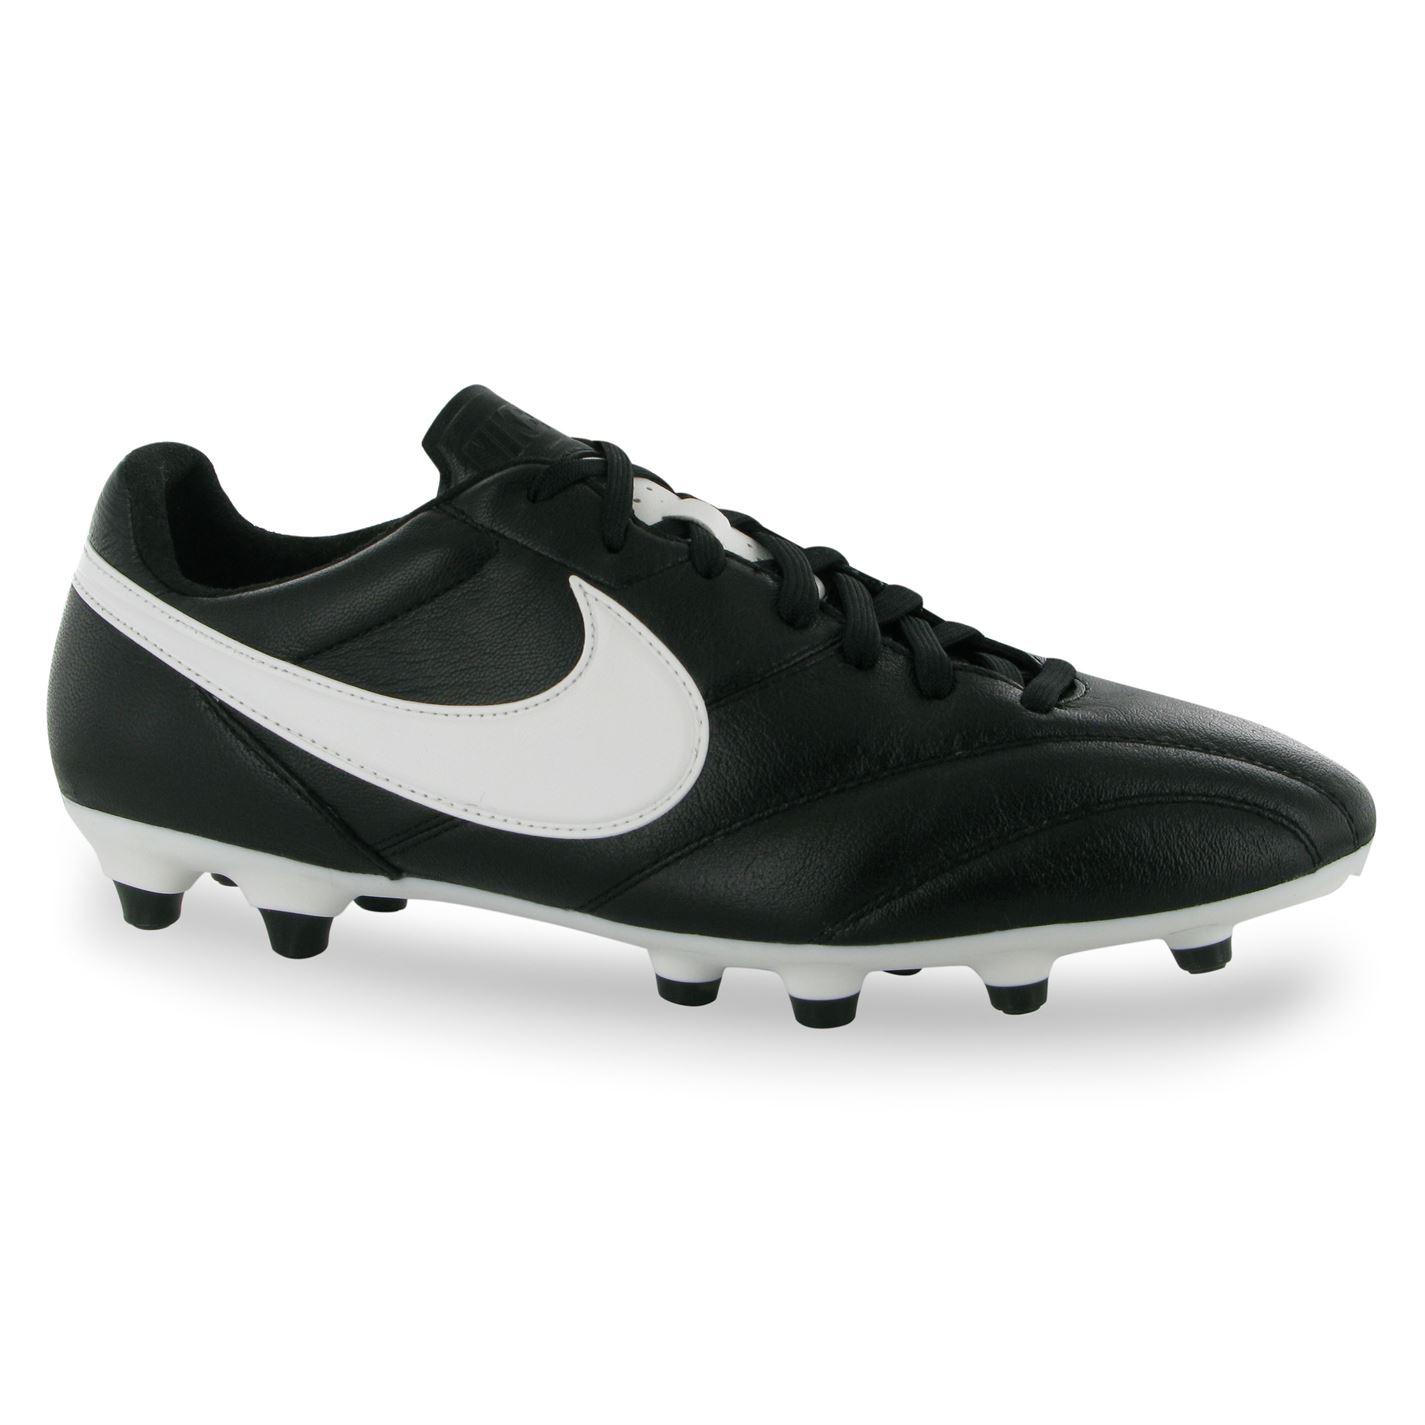 kopačky Nike Premier FG pánské